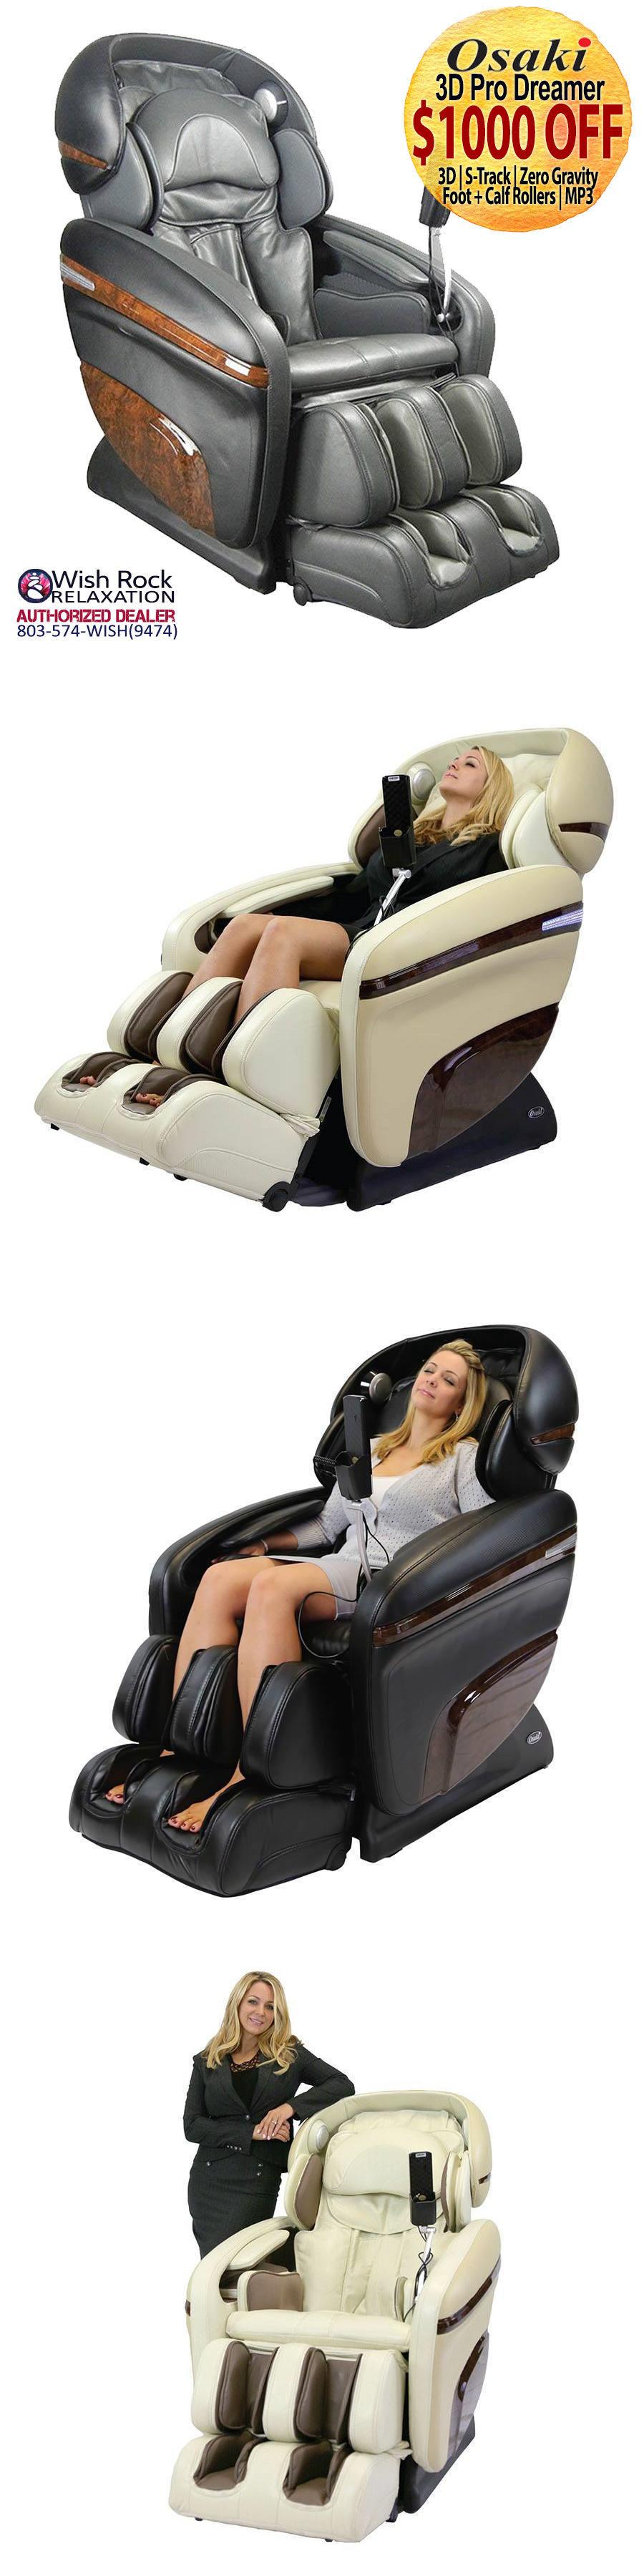 Electric Massage Chairs Osaki 3D Pro Dreamer Mp3 Zero Gravity